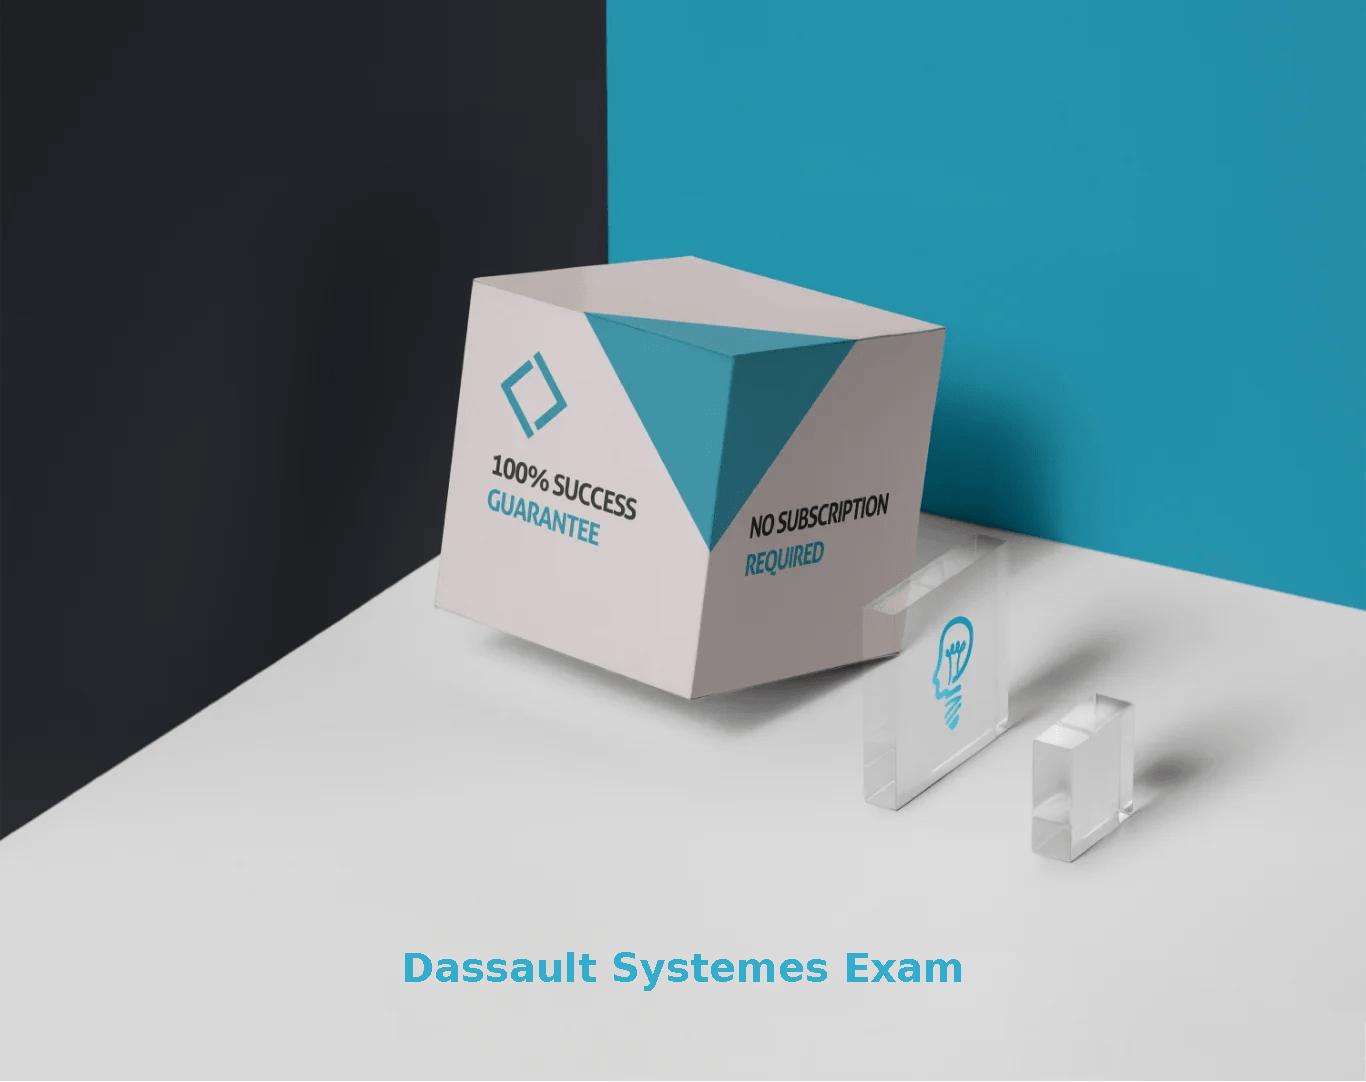 Dassault Systemes Exam Dumps